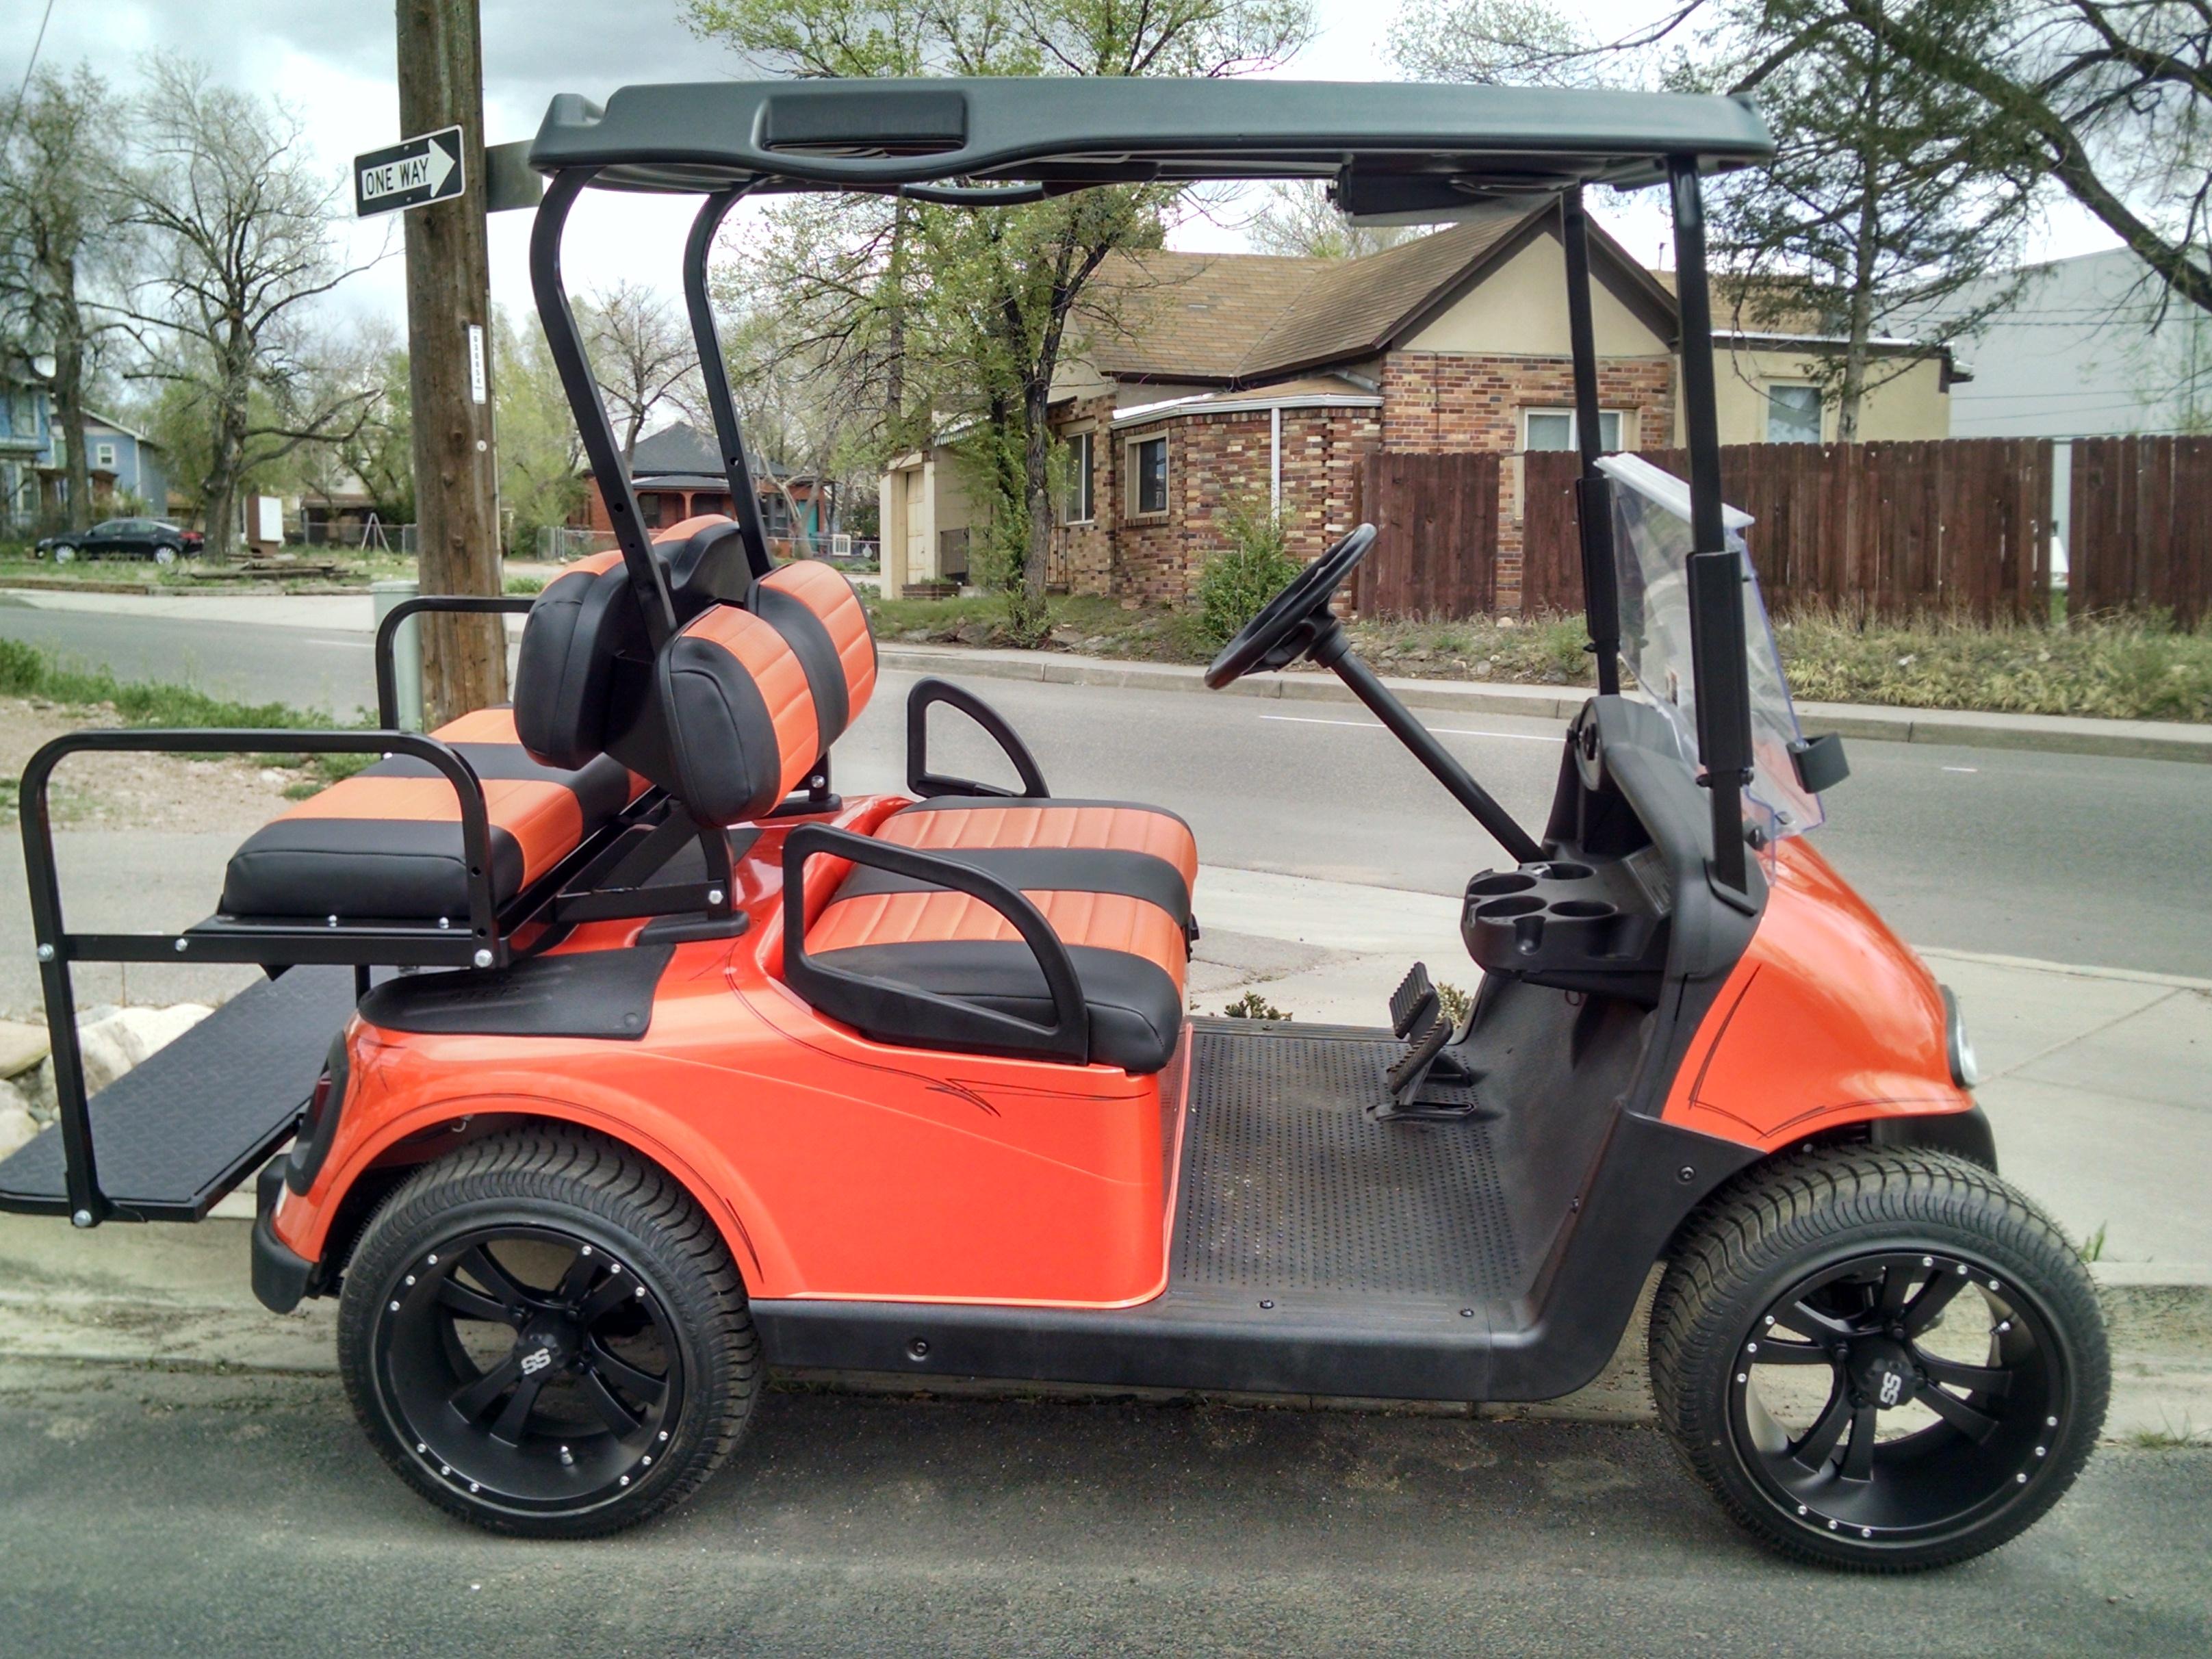 Yamaha Gas Golf Cart Lowering Kit